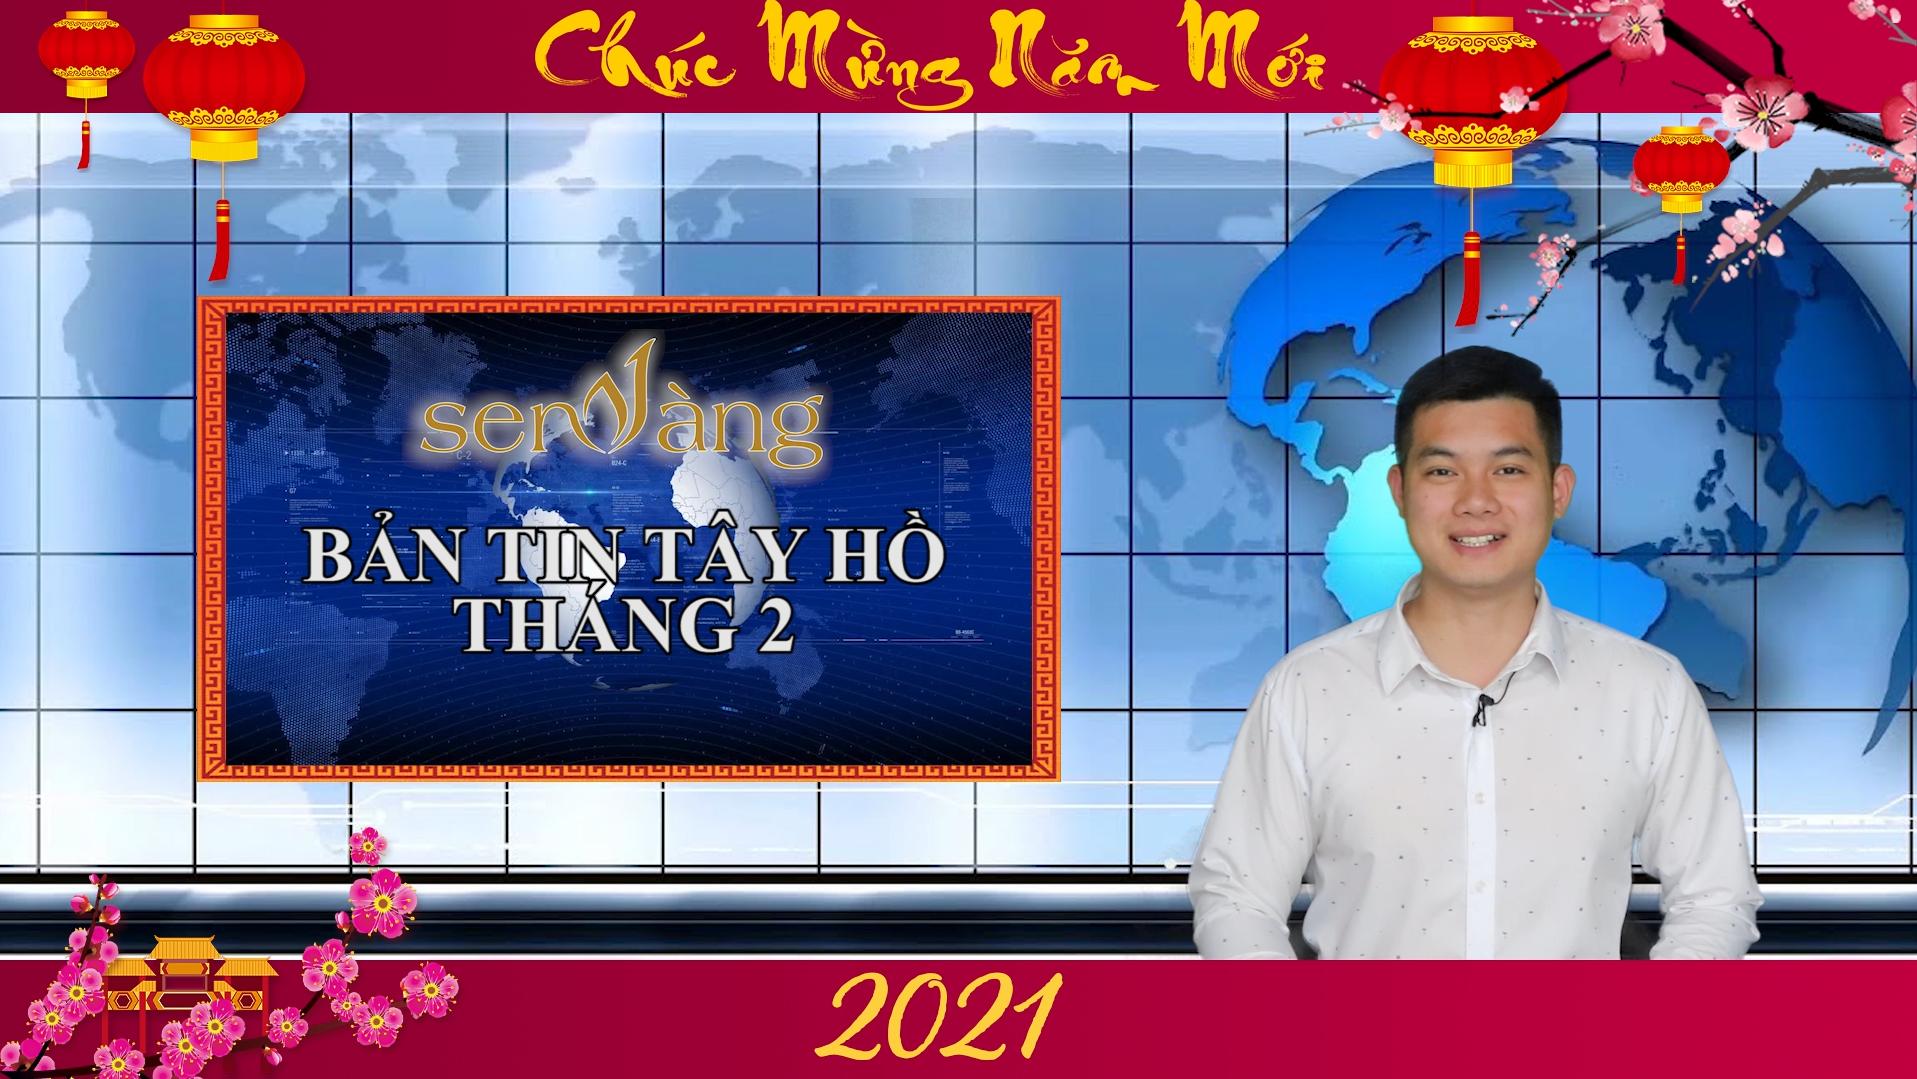 Bản tin Chính trị – Xã hội – Bất động sản Tây Hồ tháng 2/2021